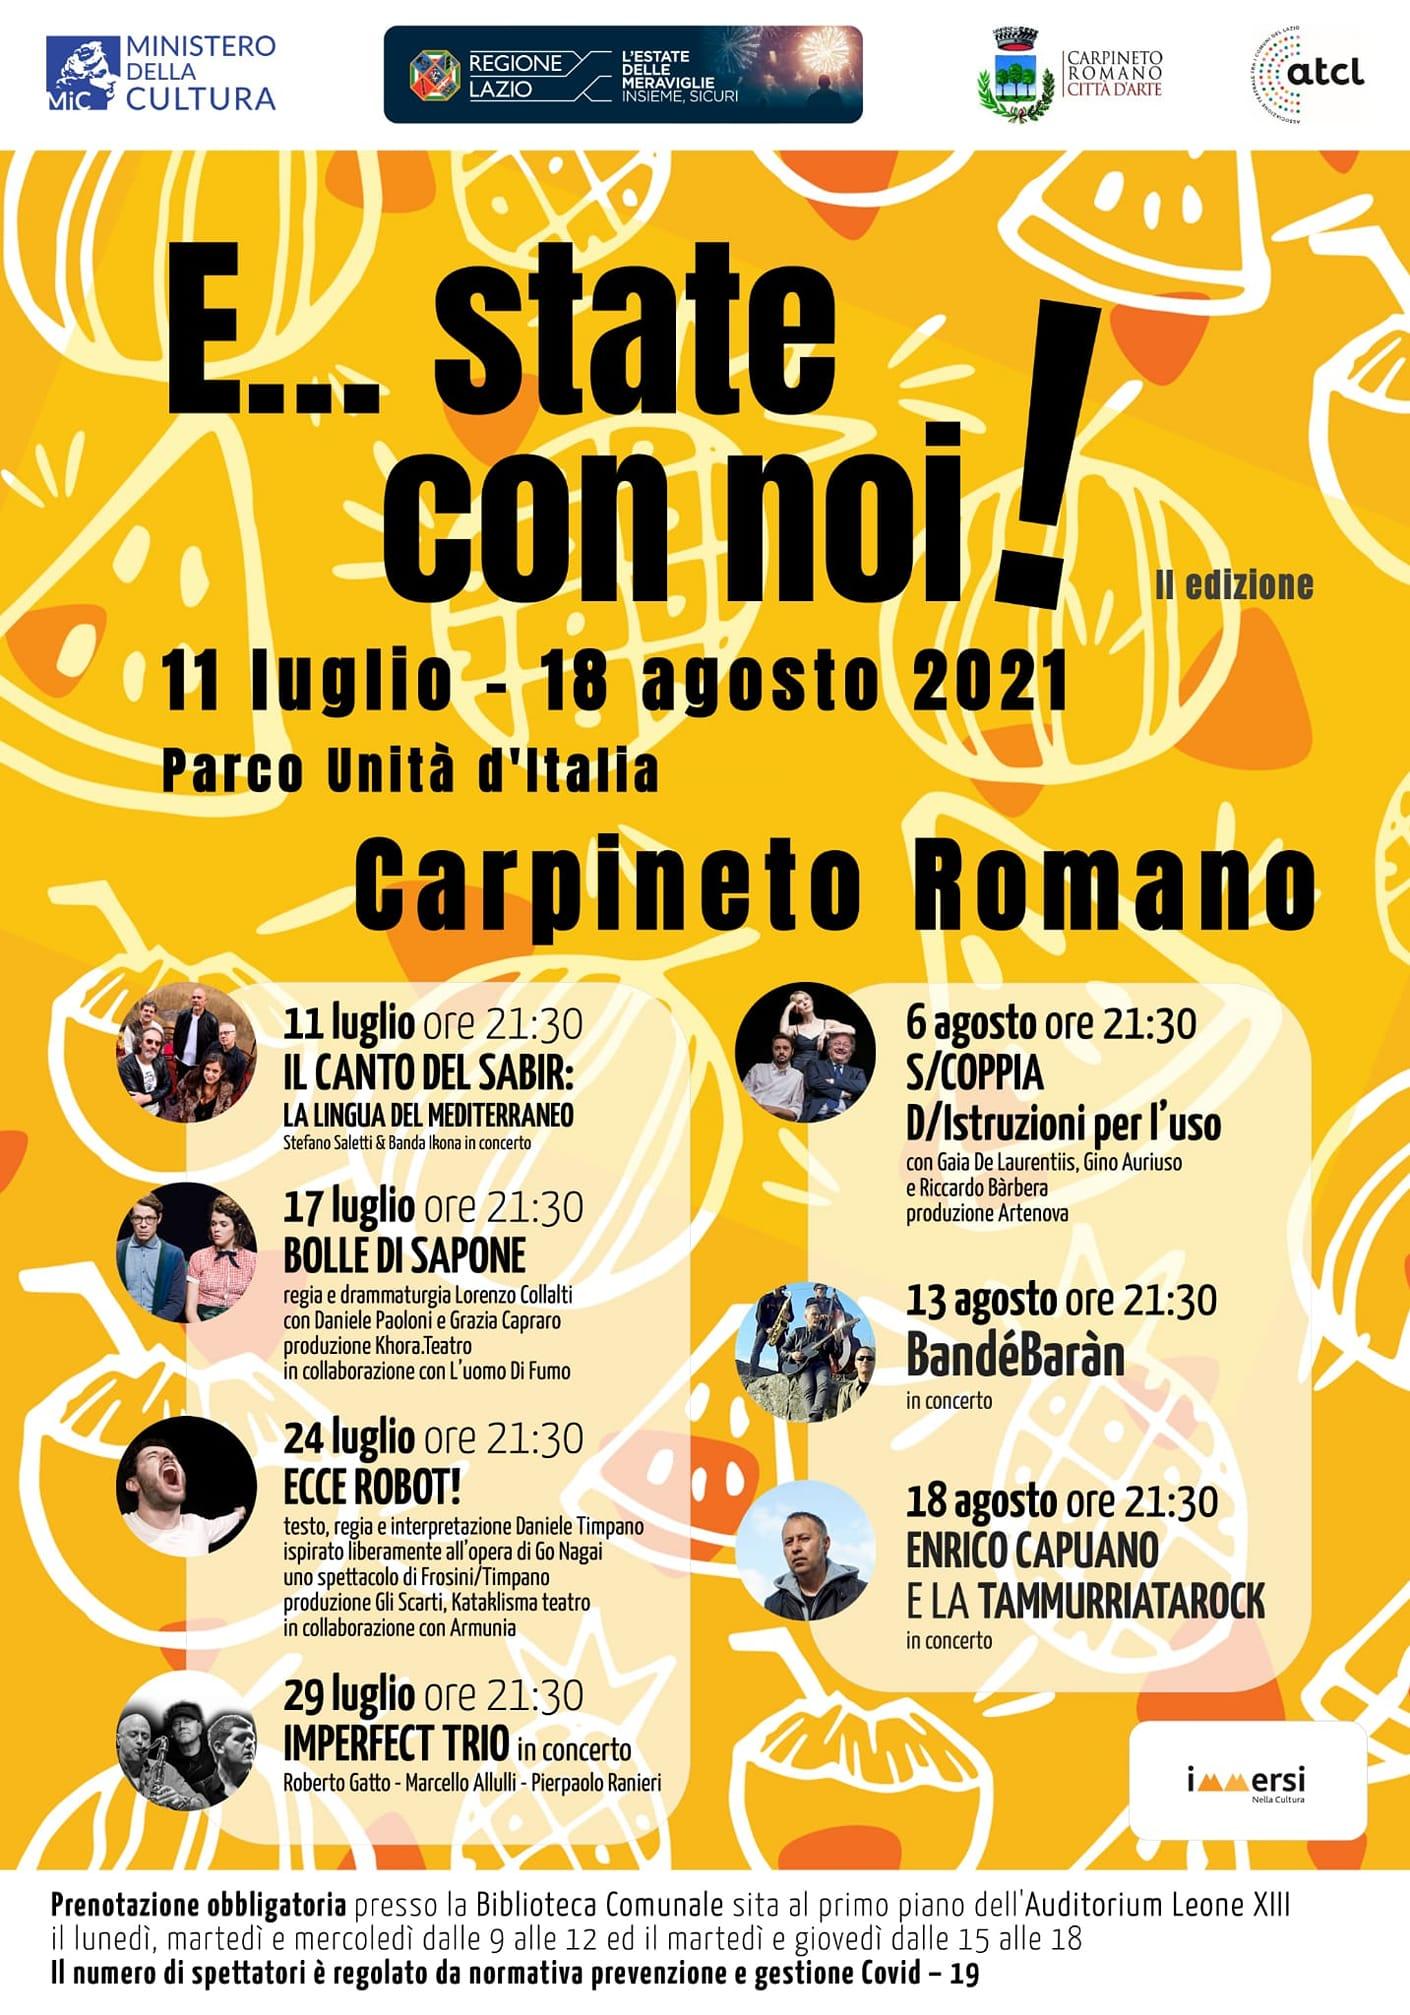 Carpineto Romano - E...state con noi! @ Carpineto Romano